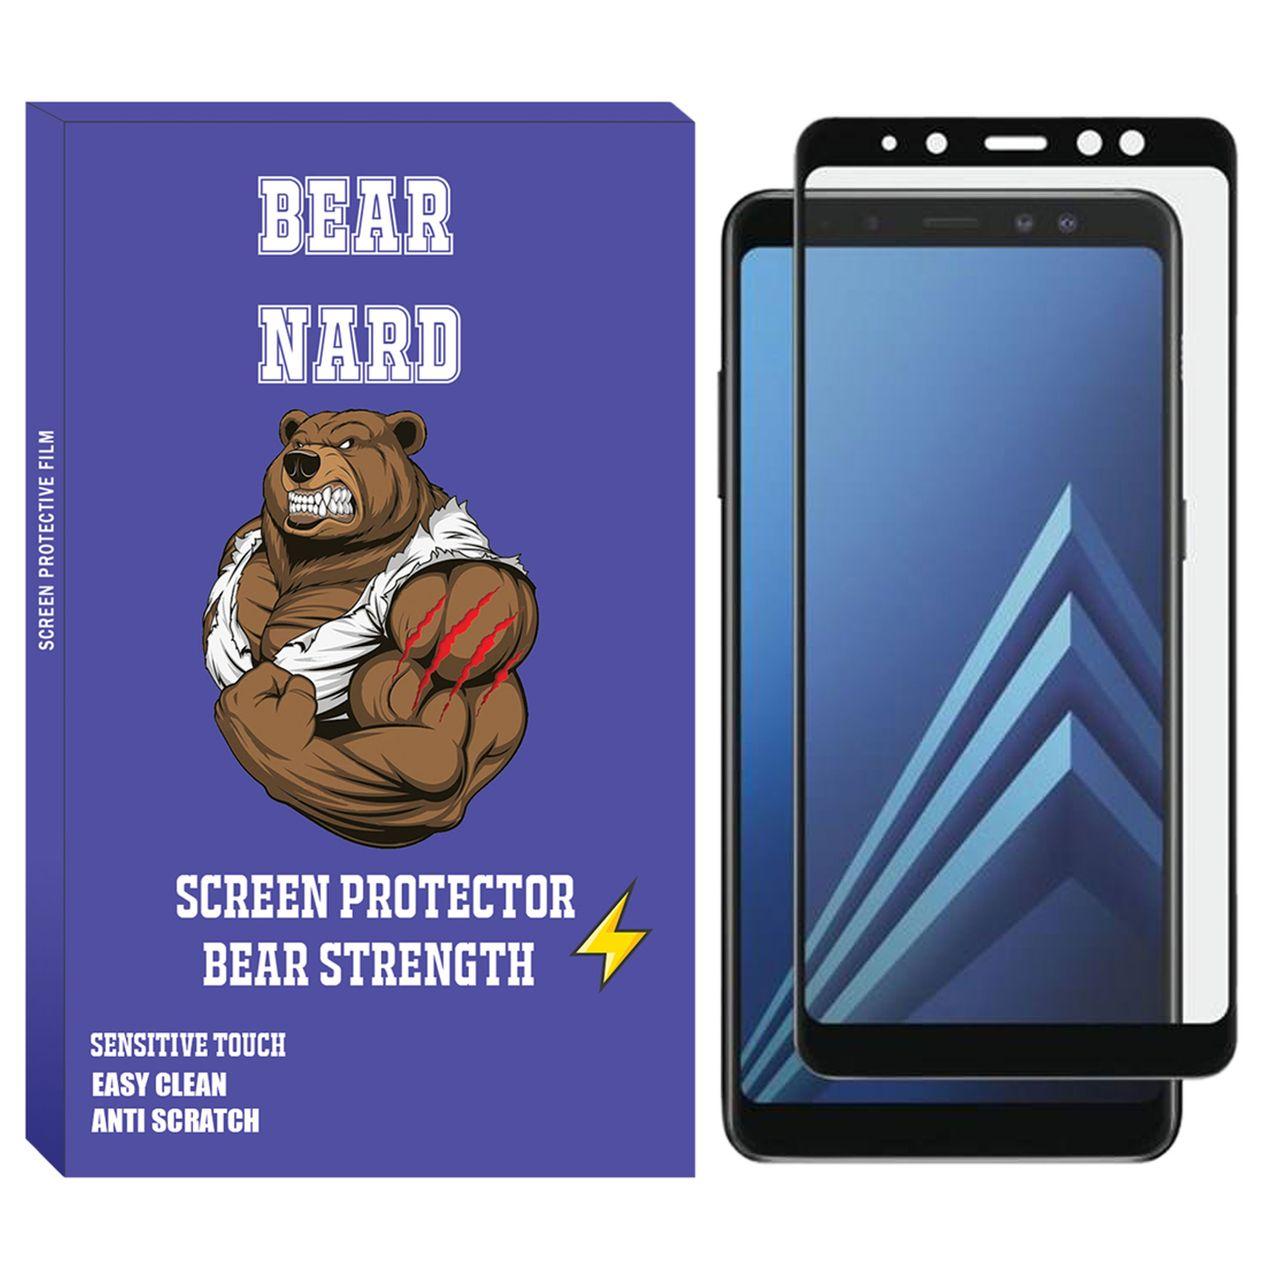 محافظ صفحه نمایش برنارد مدل FUB-01 مناسب برای گوشی موبایل سامسونگ Galaxy A8 2018